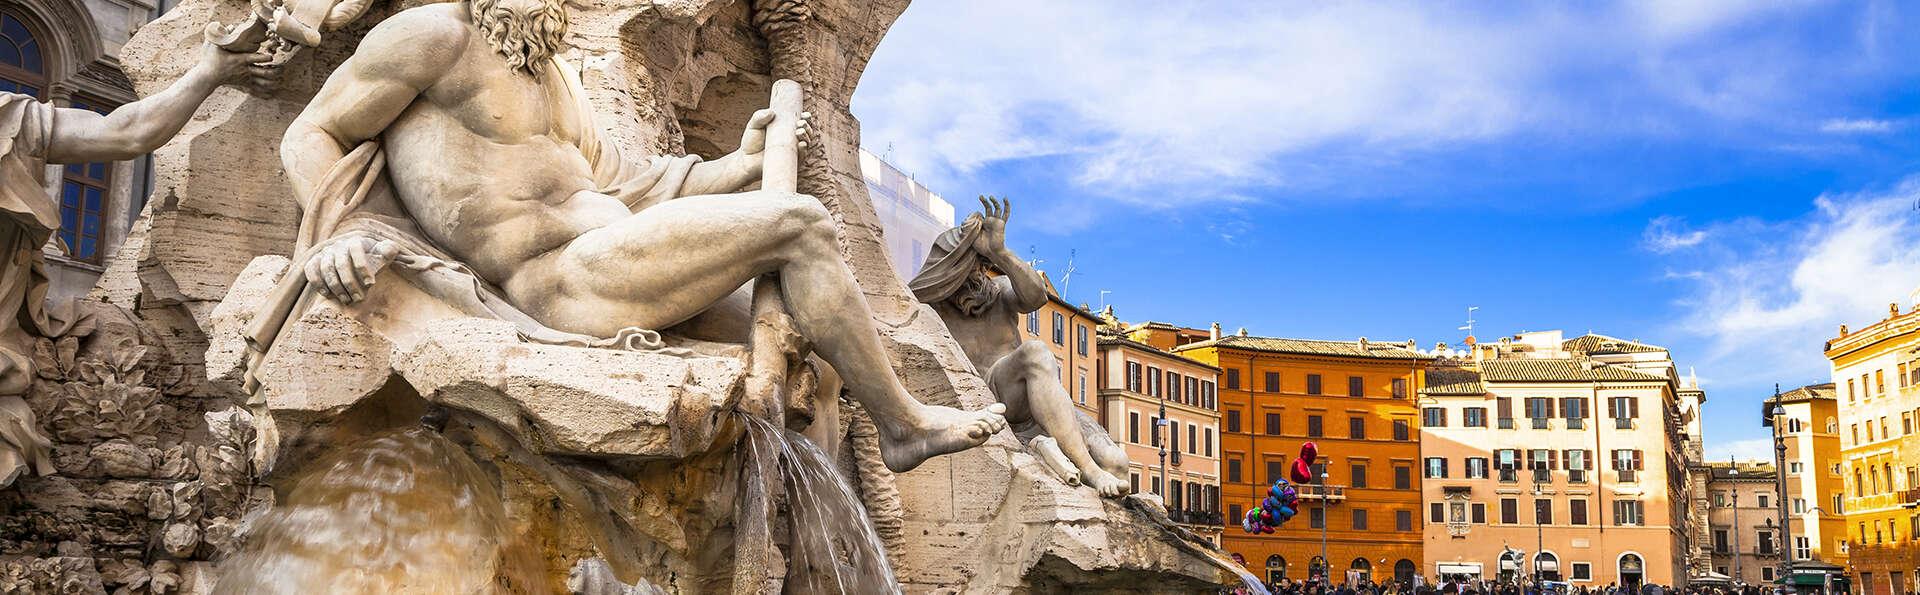 Charme et enchantement dans les rues de Rome